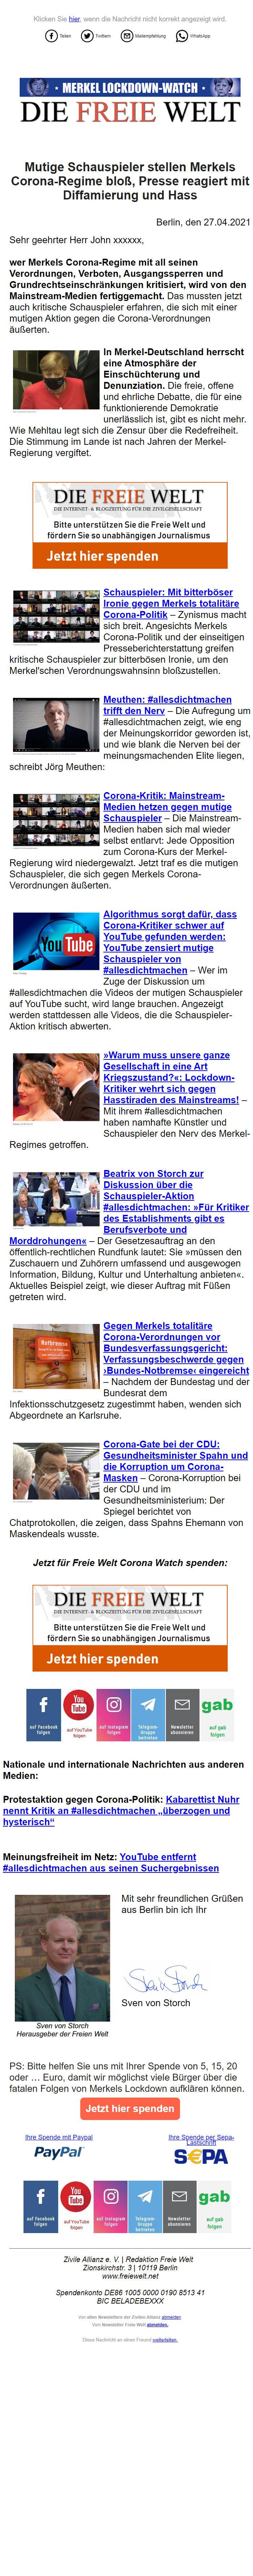 политический email-маркетинг в германии